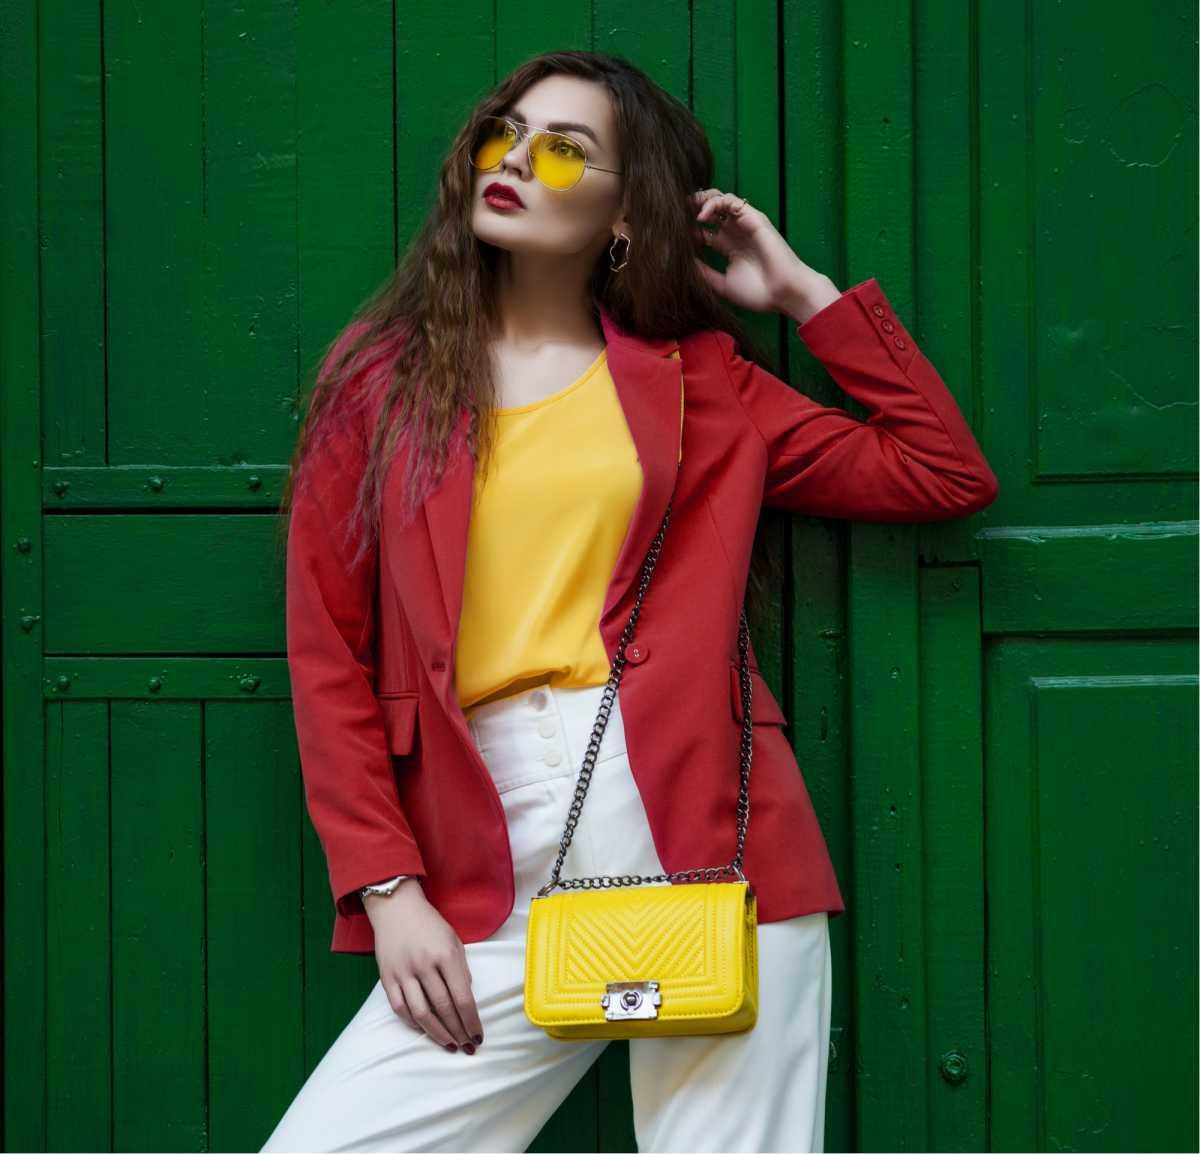 bolsa amarela, trend do inverno 2019